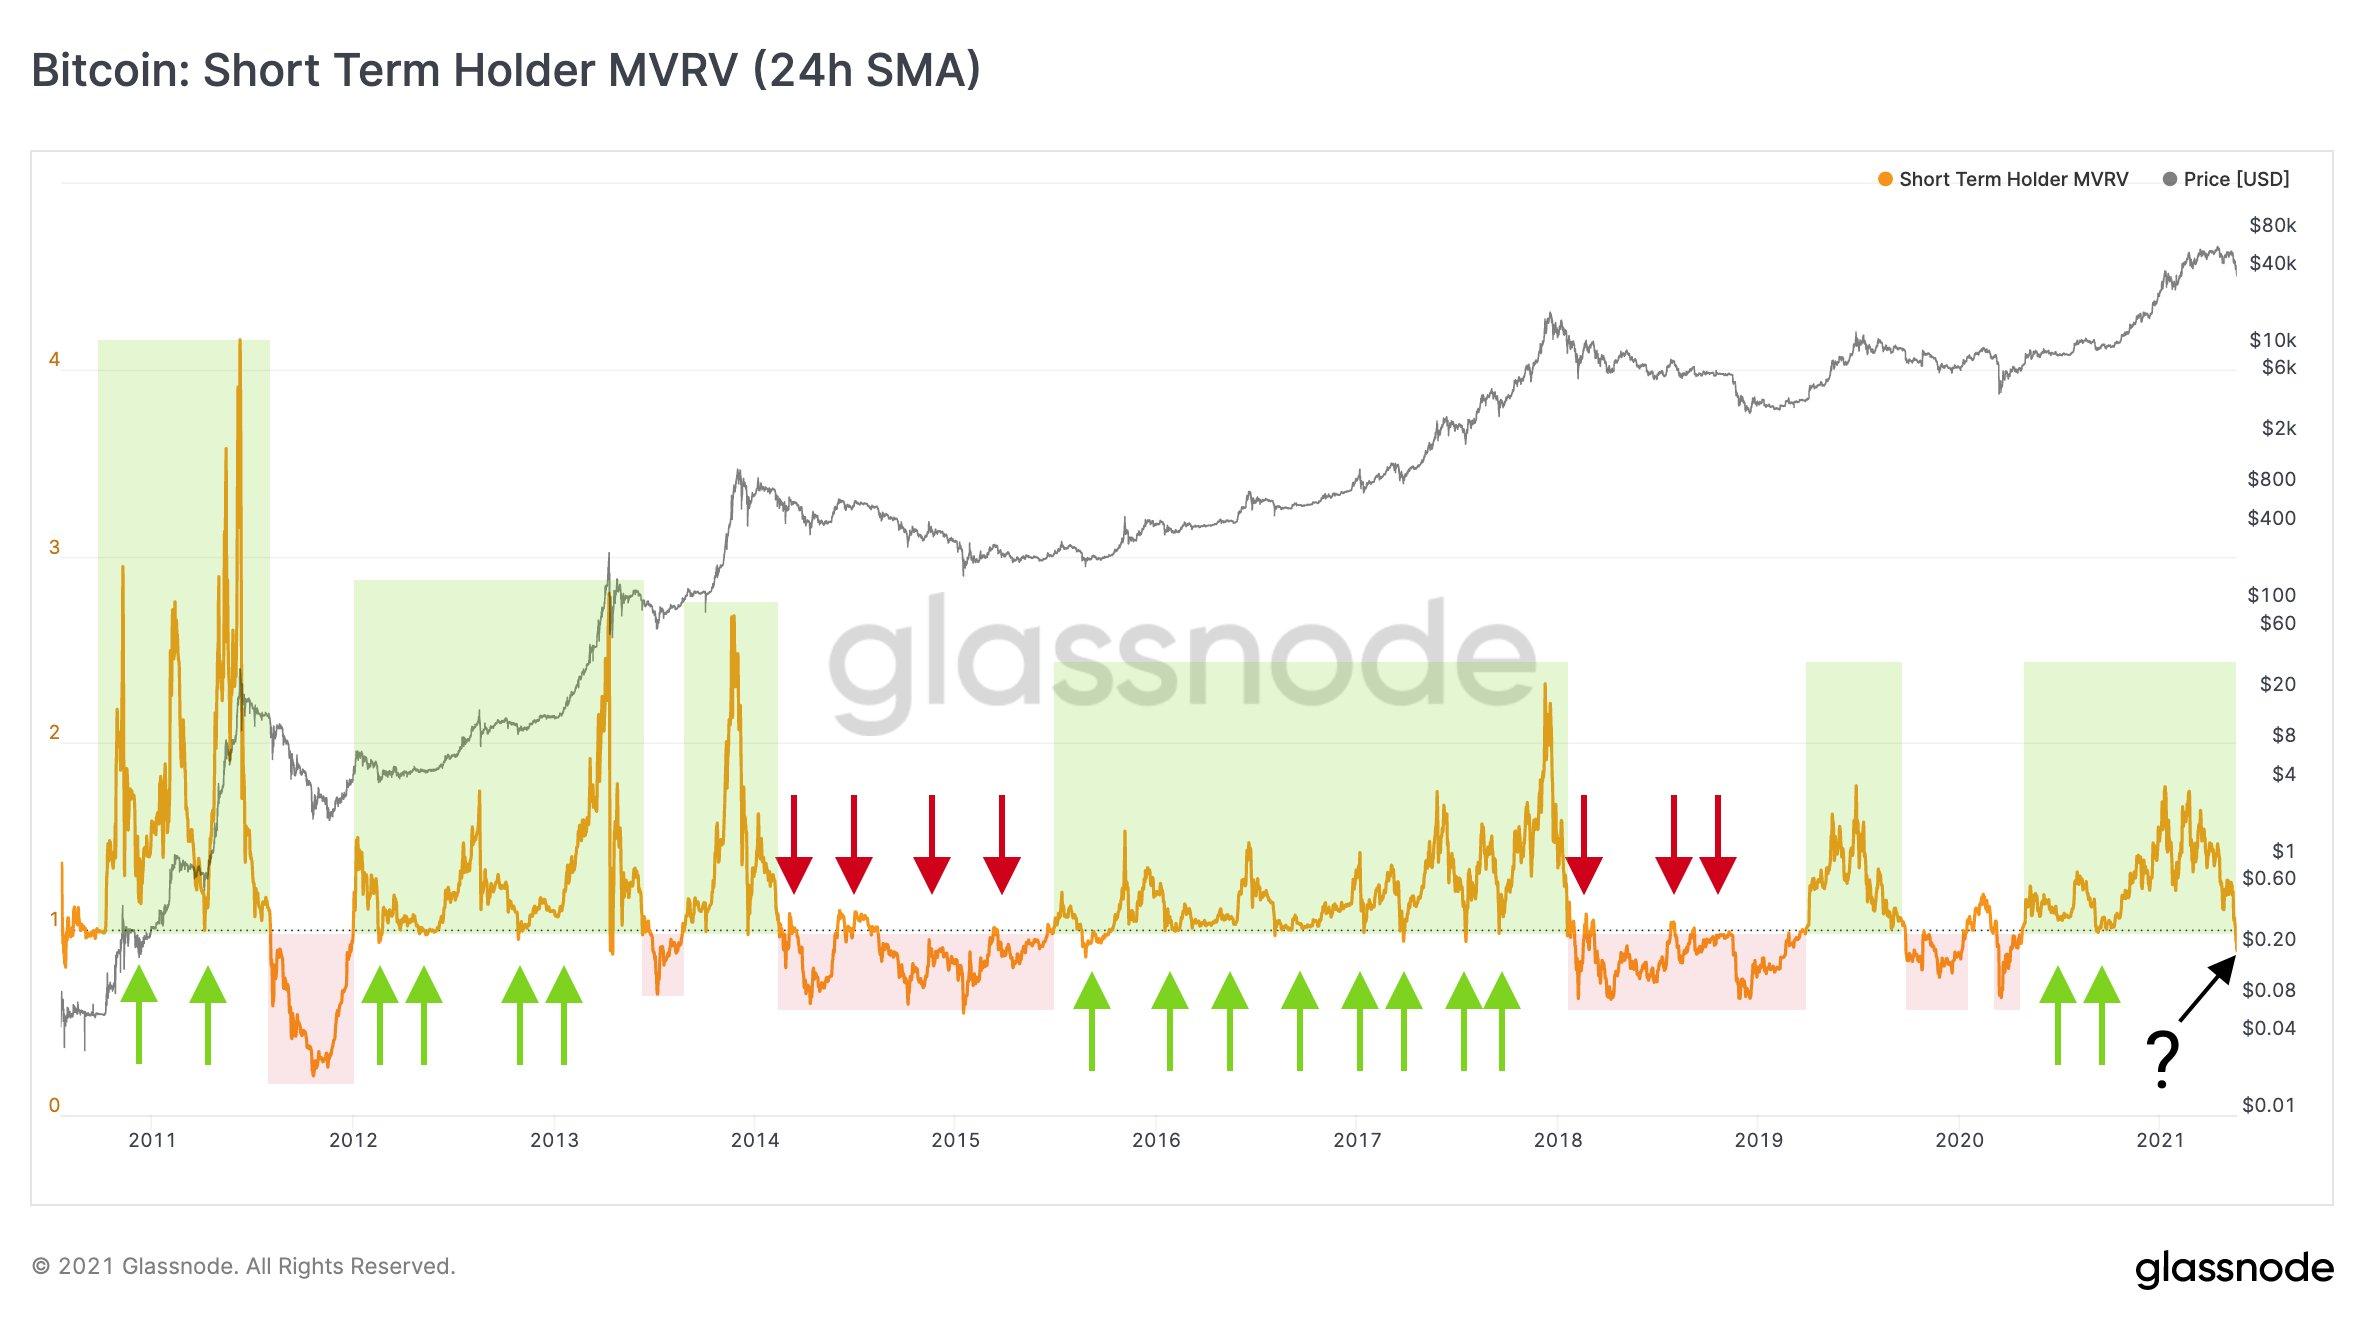 Grafico del Short Term Holder MVRV di Bitcoin